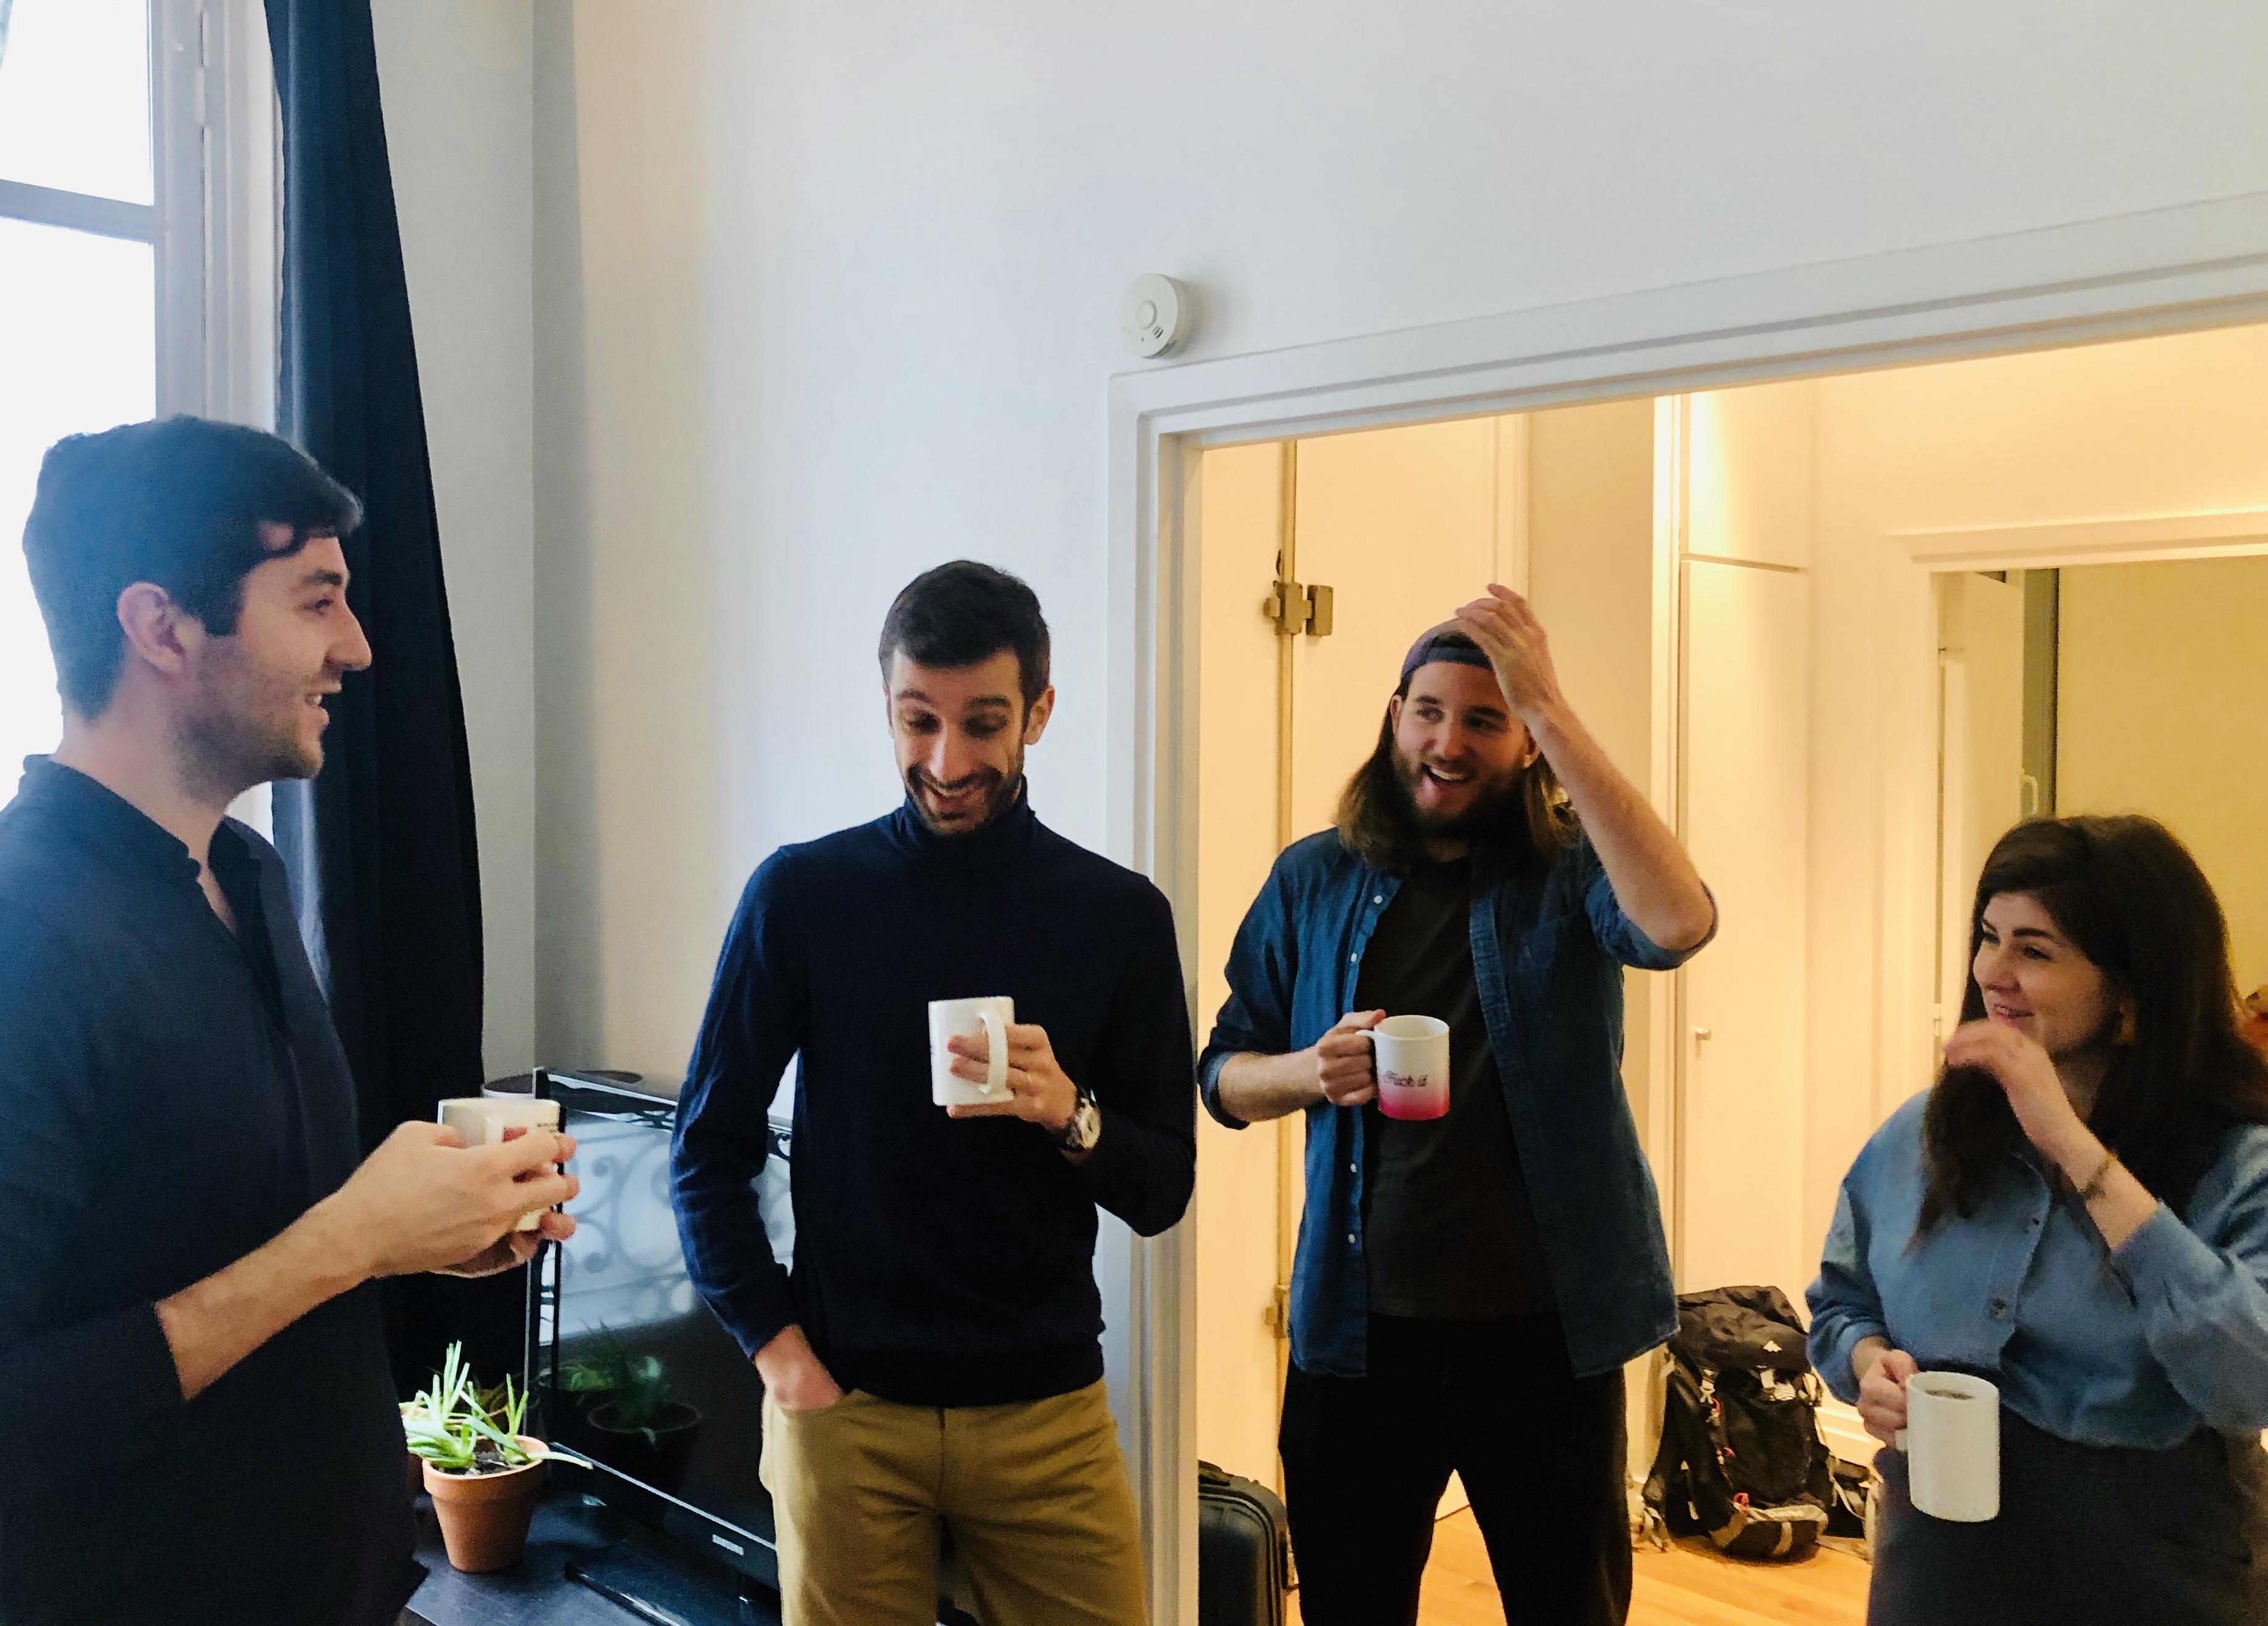 Cette image montre des cowopeurs en train de prendre le café.